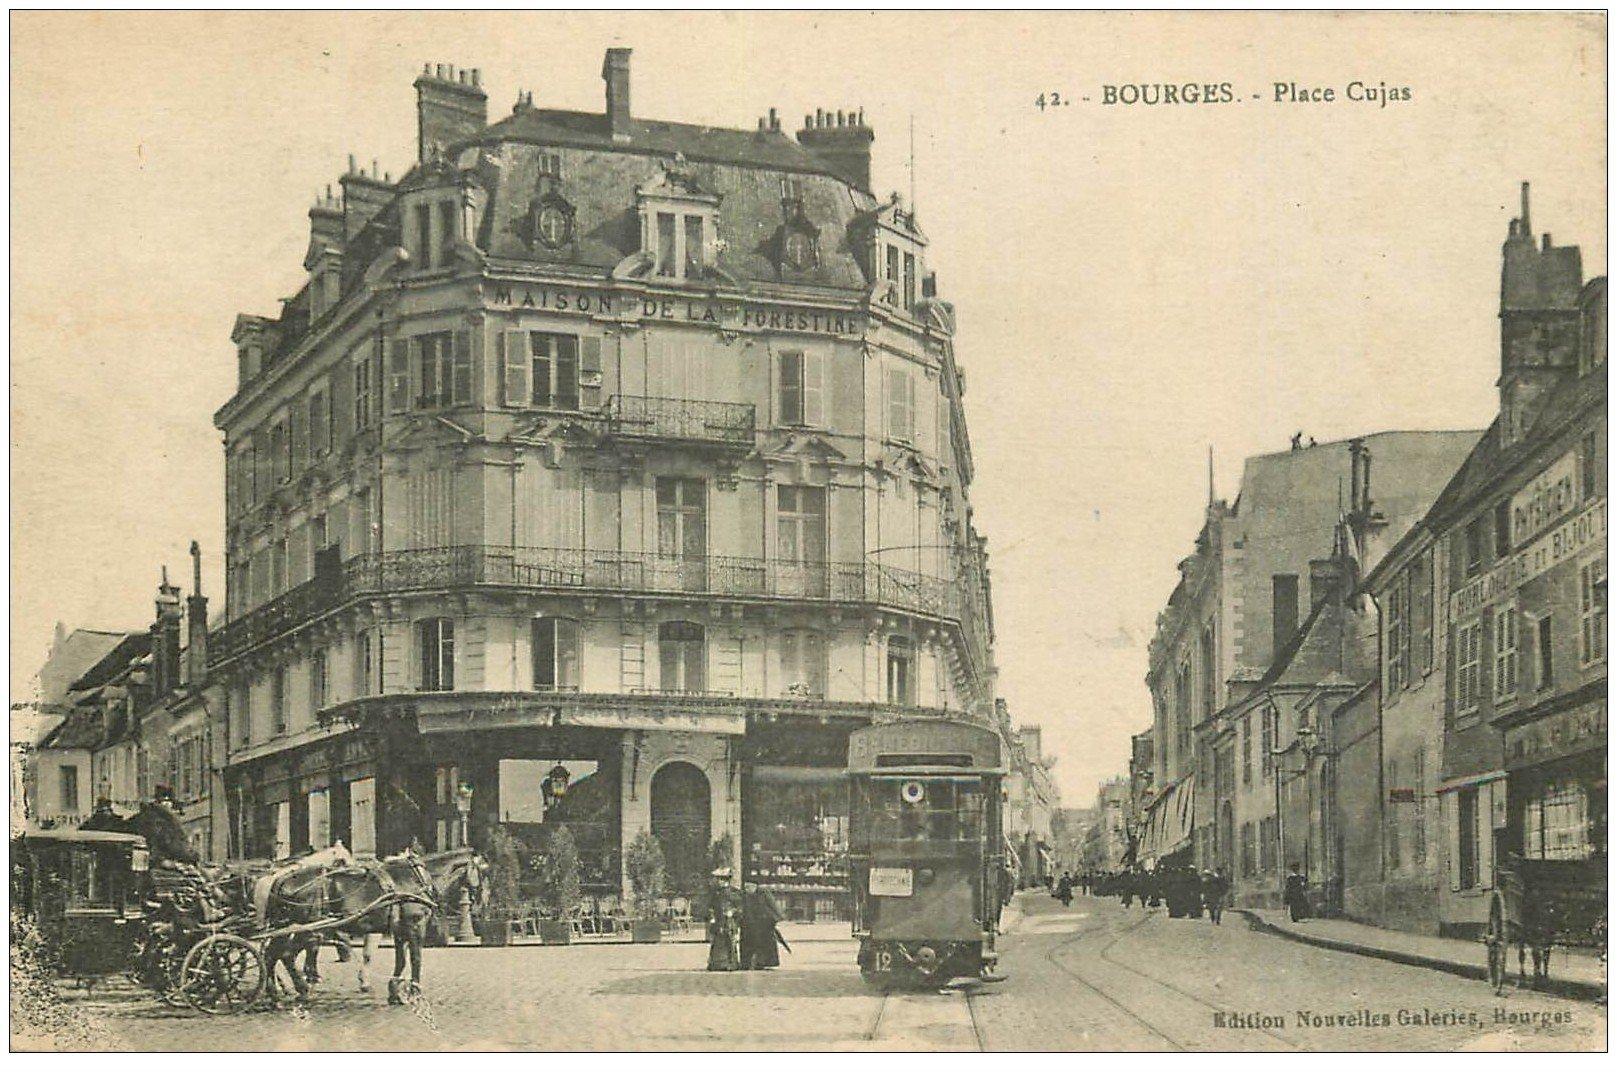 carte postale ancienne 18 BOURGES. La Place Cujas animée 1925. Maison de la Forestine tramway et fiacres